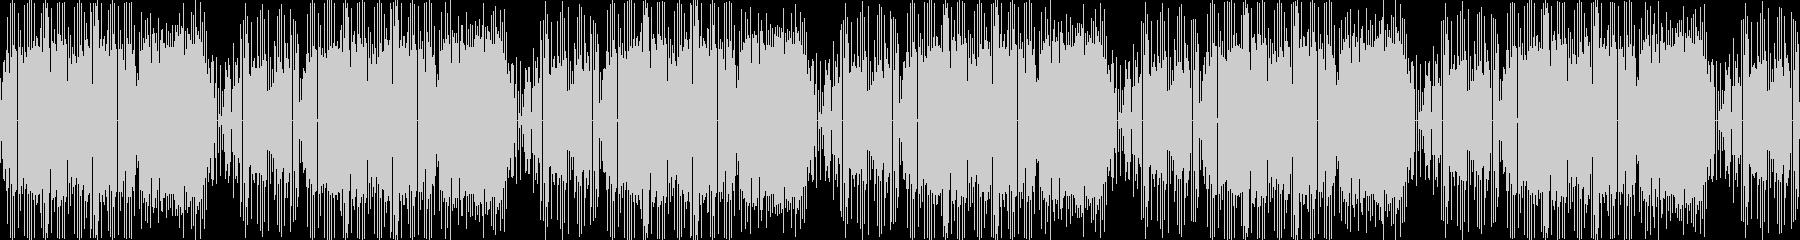 レトロゲームのOPのような8bitジャズの未再生の波形